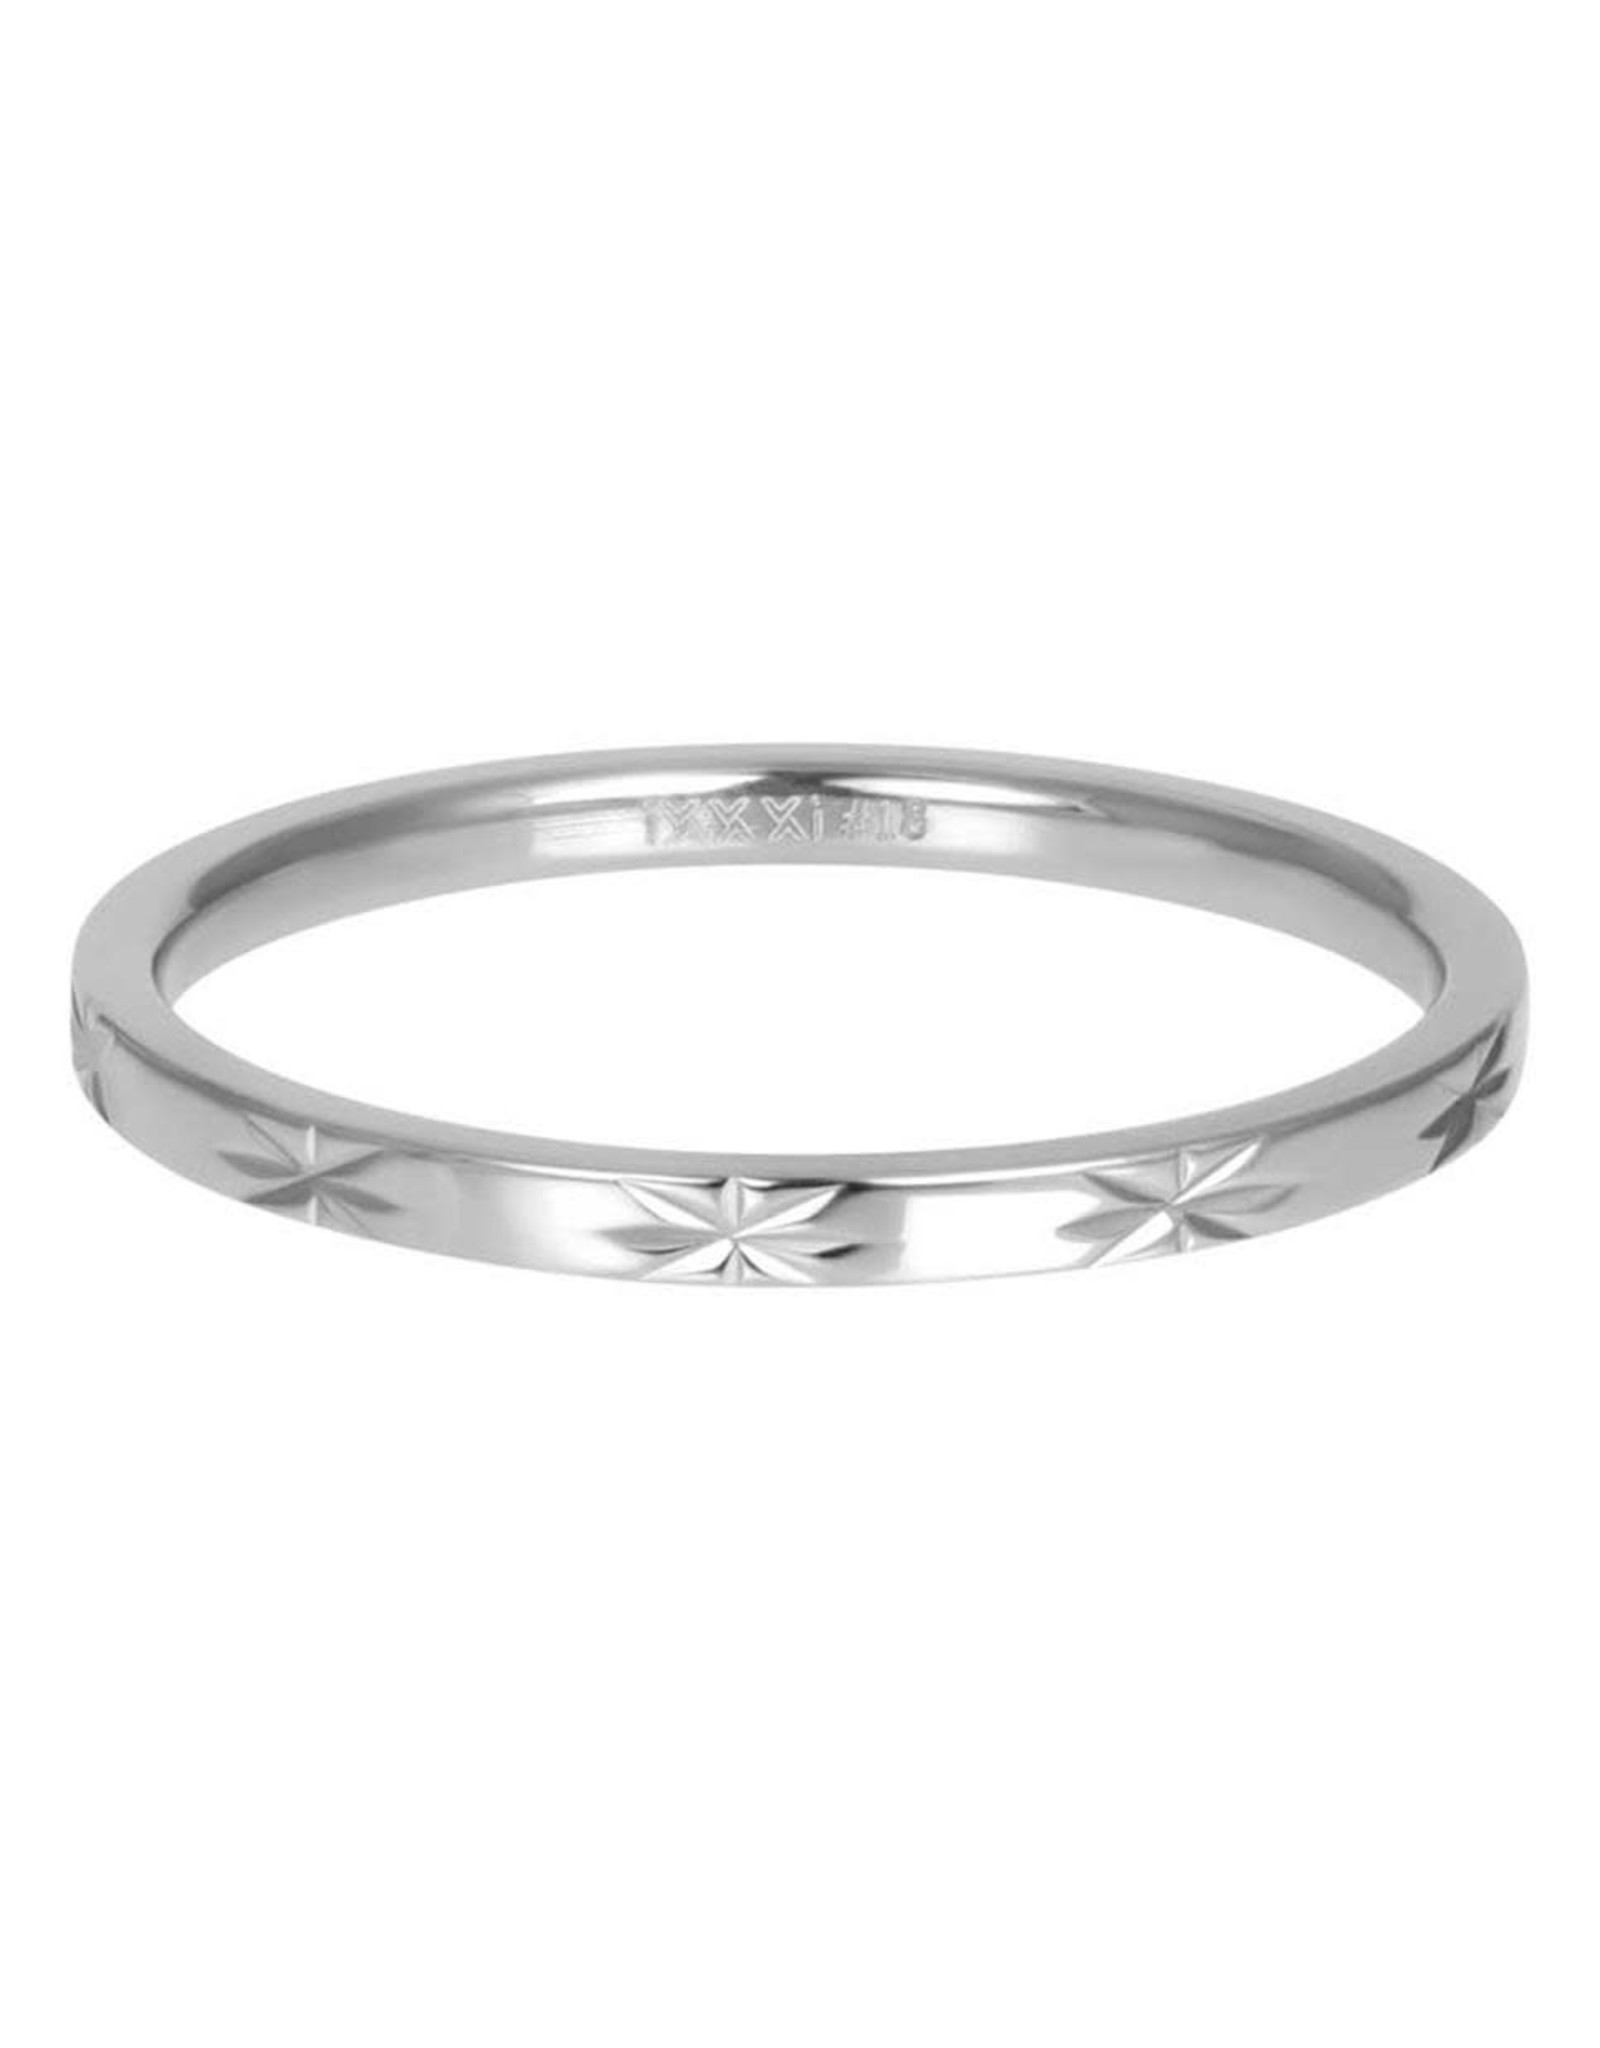 iXXXi Jewelry iXXXi vulring Sterre